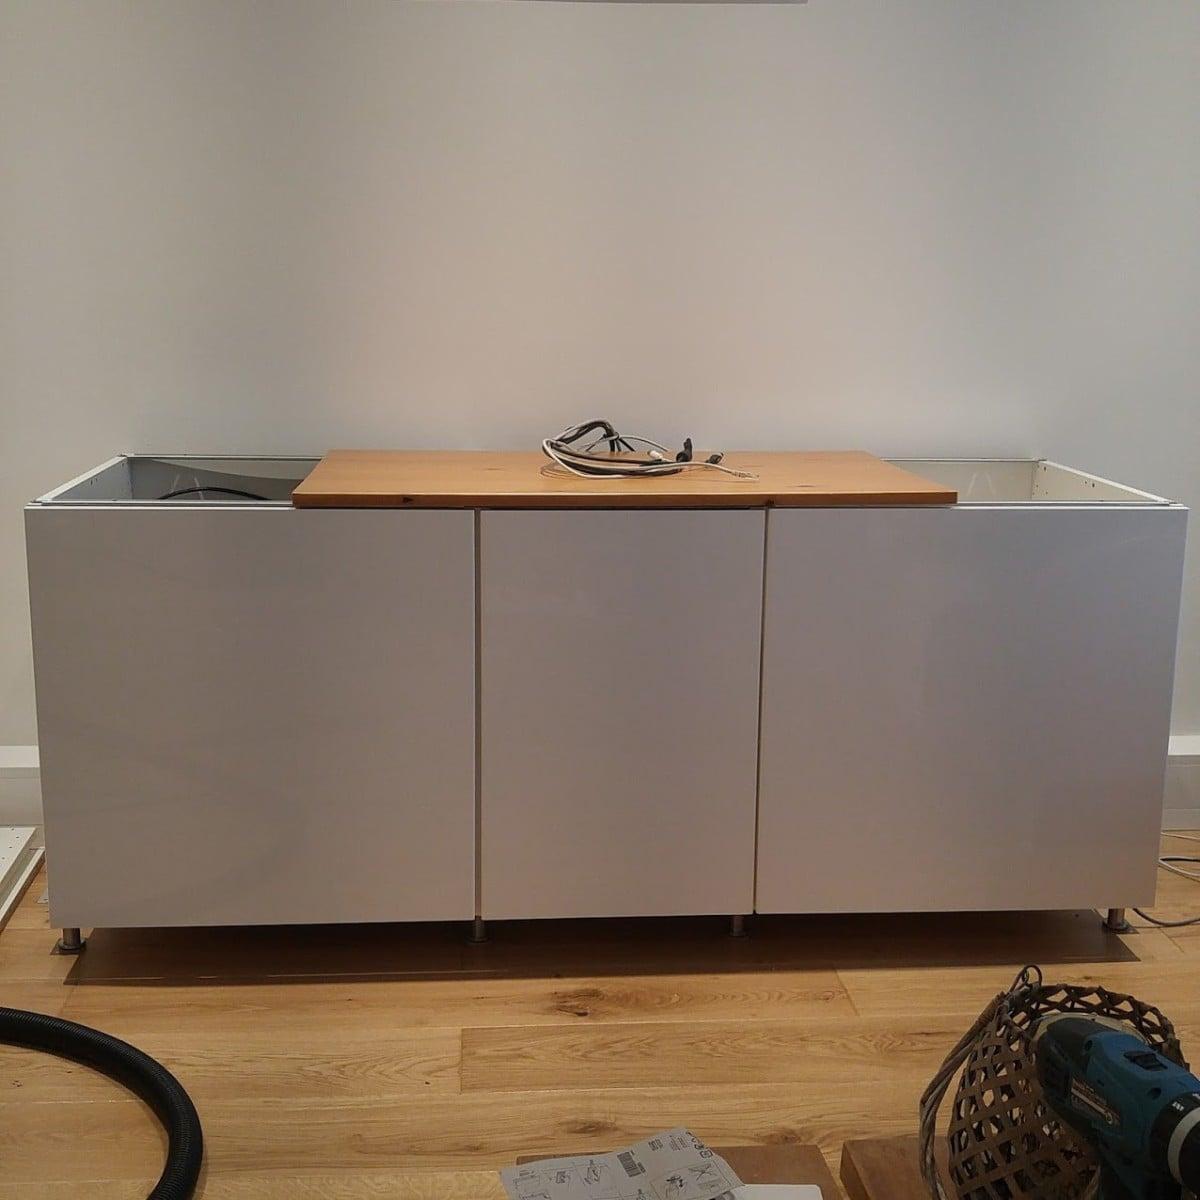 IKEA METOD cabinets into AV unit - IKEA Hackers - IKEA Hackers